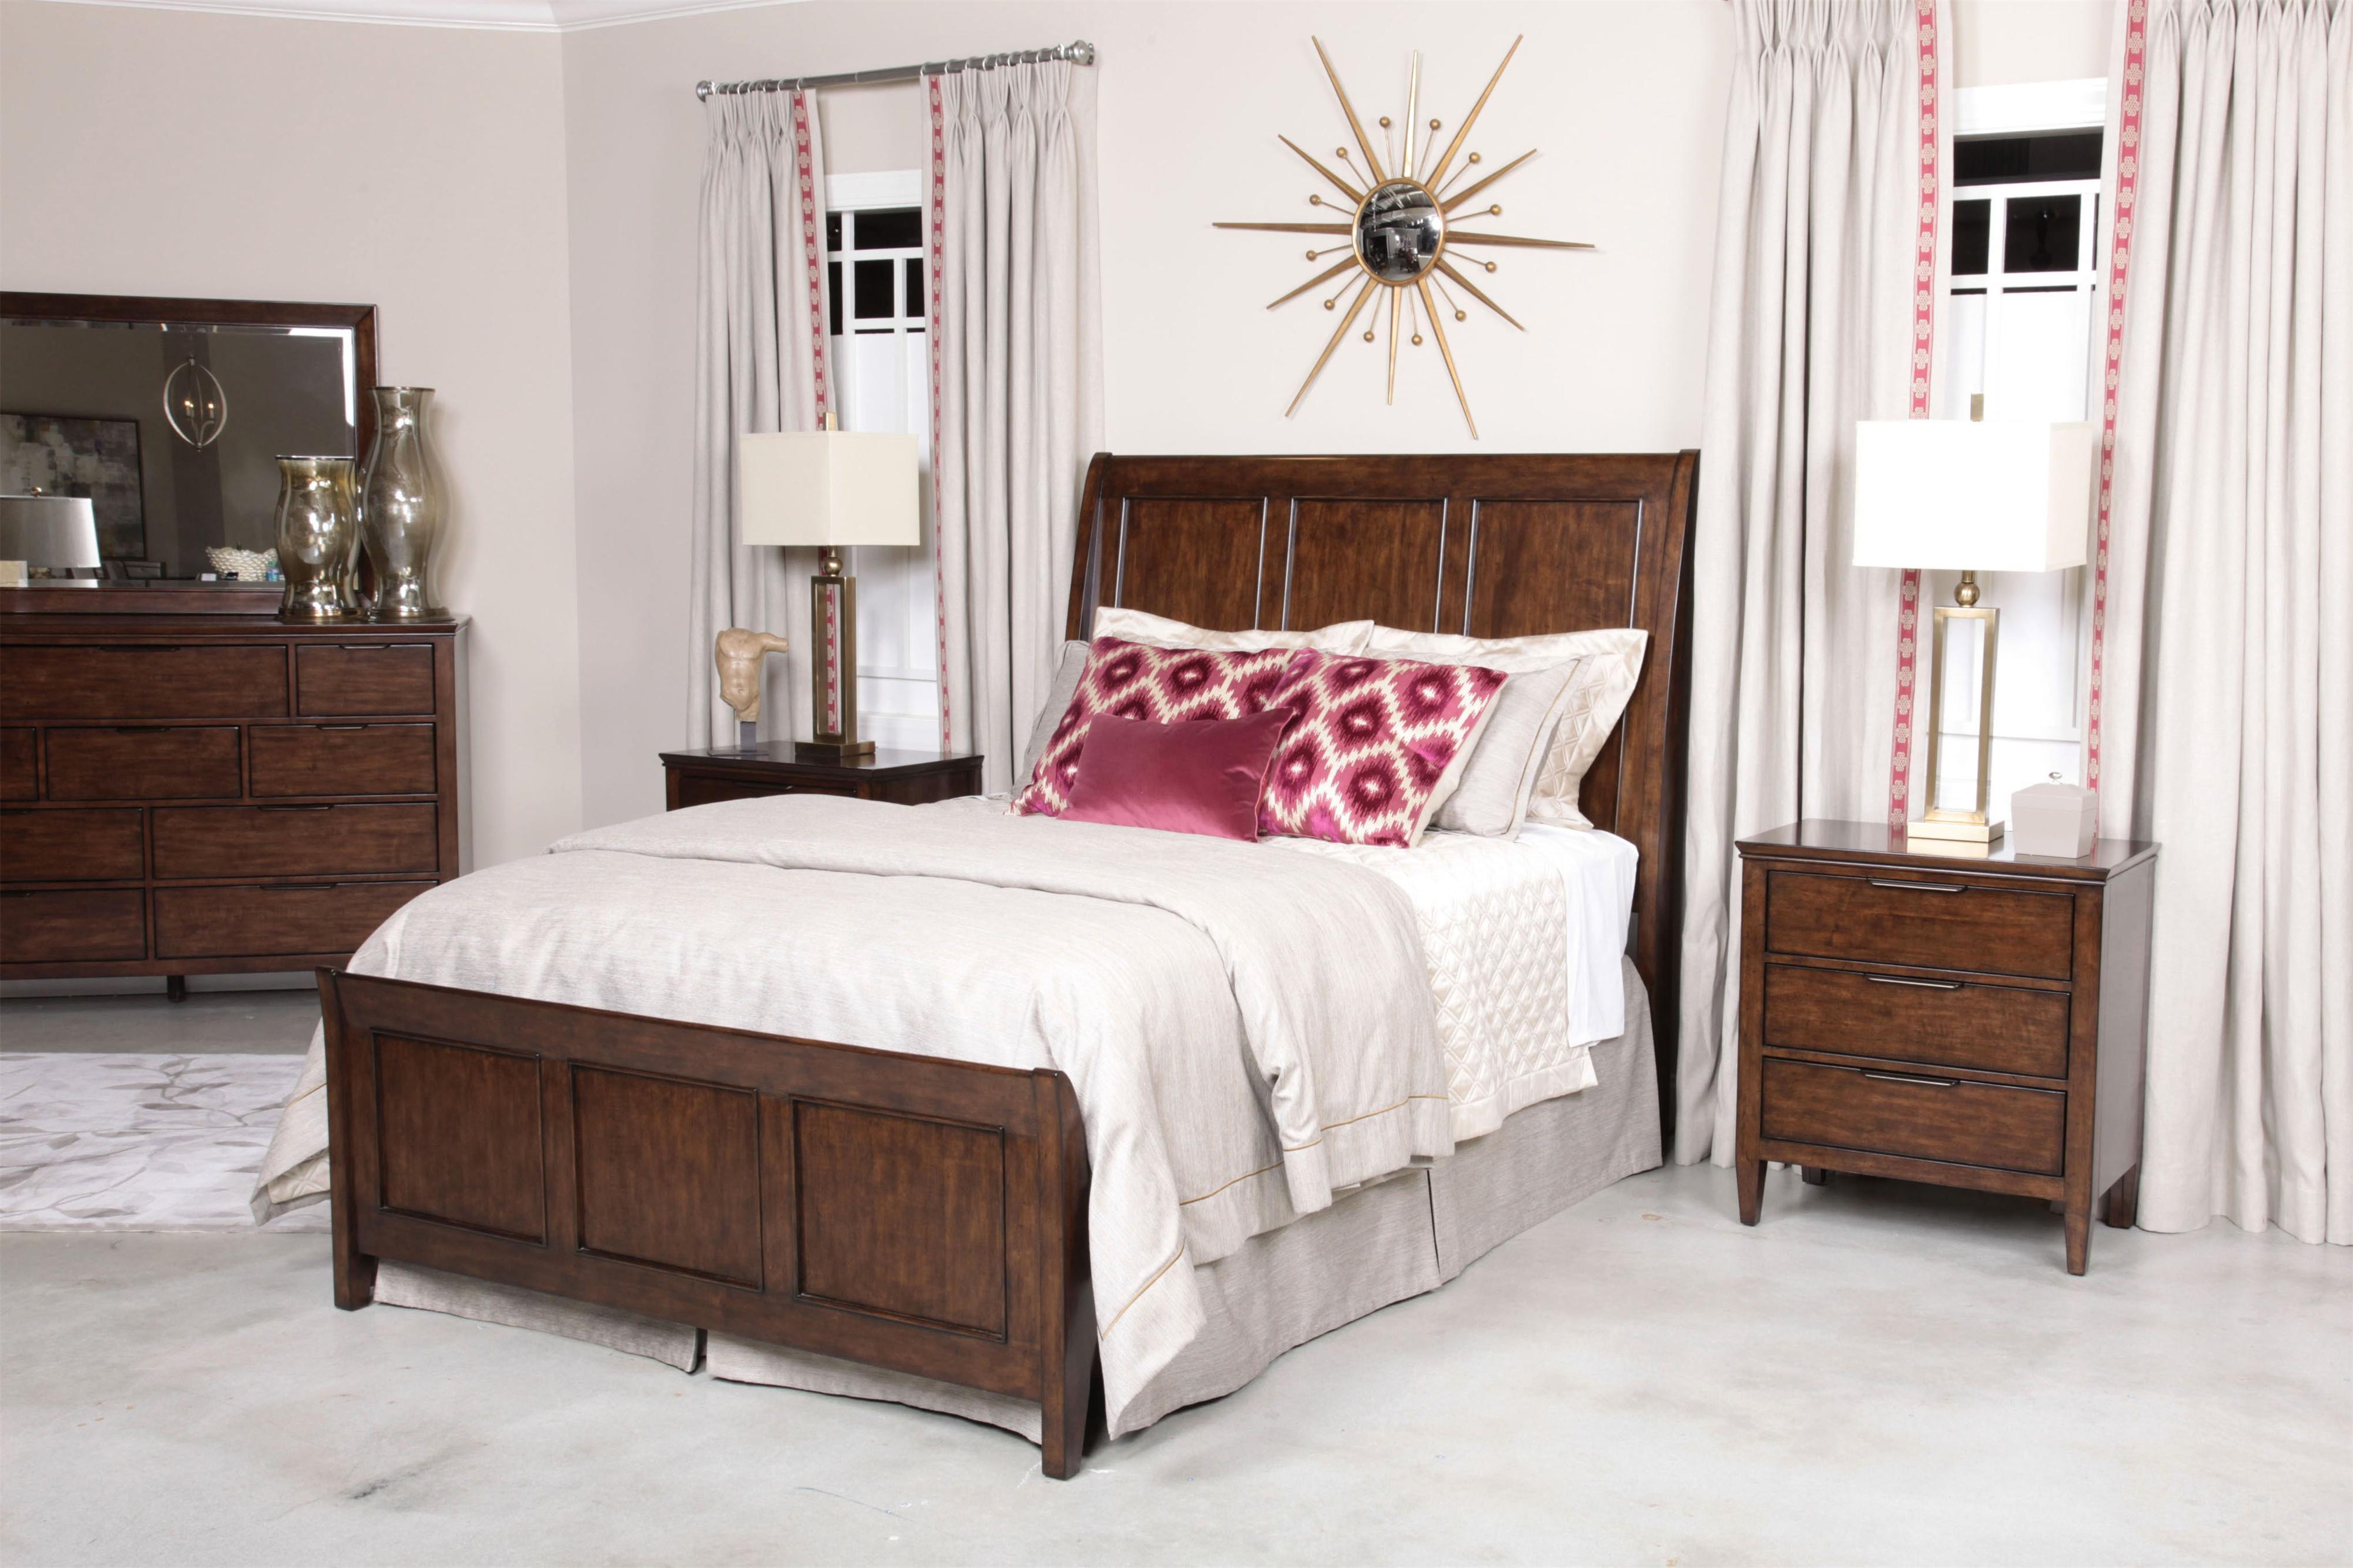 Kincaid furniture elise 77 141 transitional elise night - Kincaid bedroom furniture for sale ...